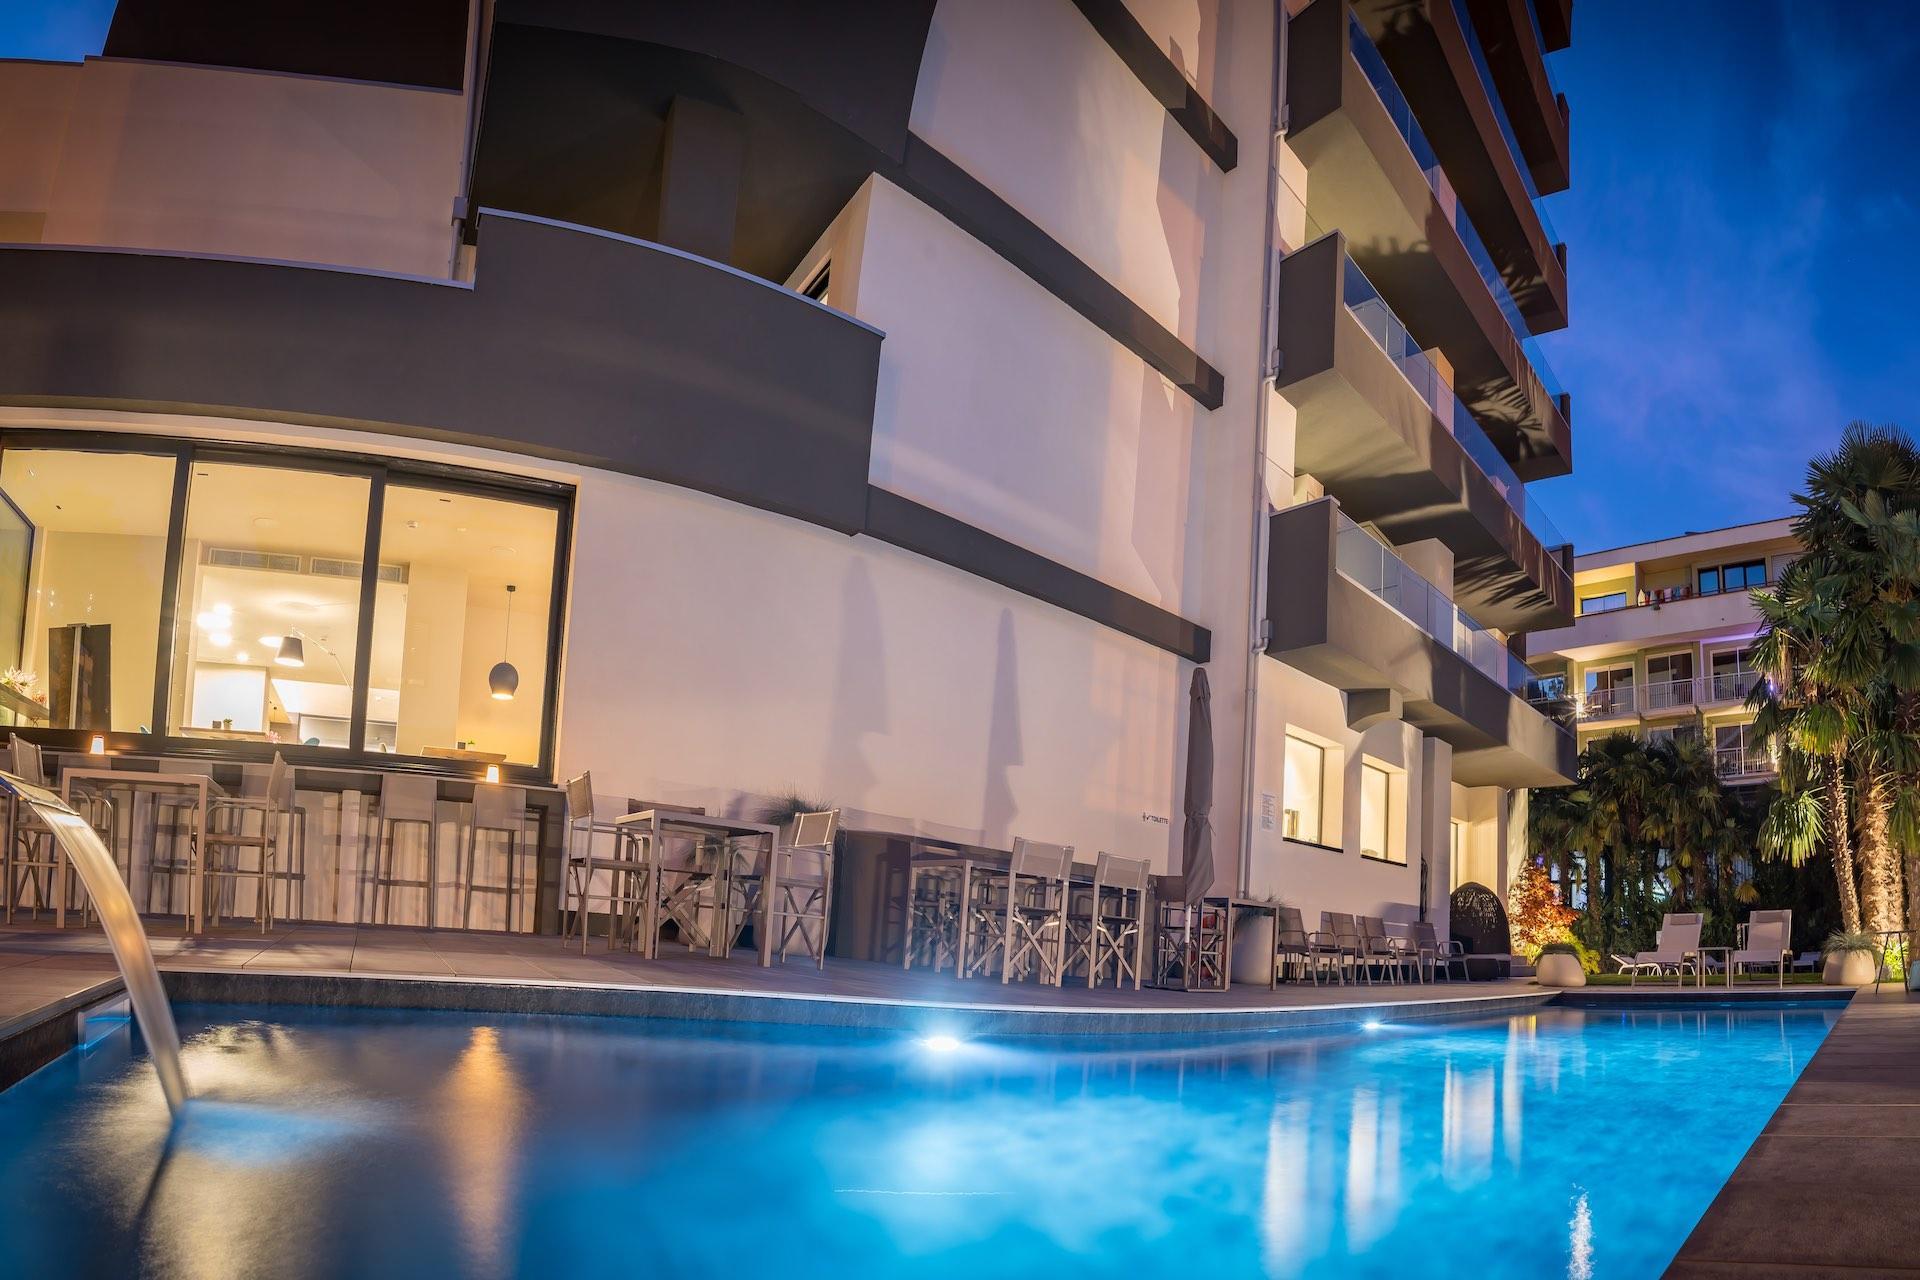 Hotel Villa Enrica - Riva del Garda